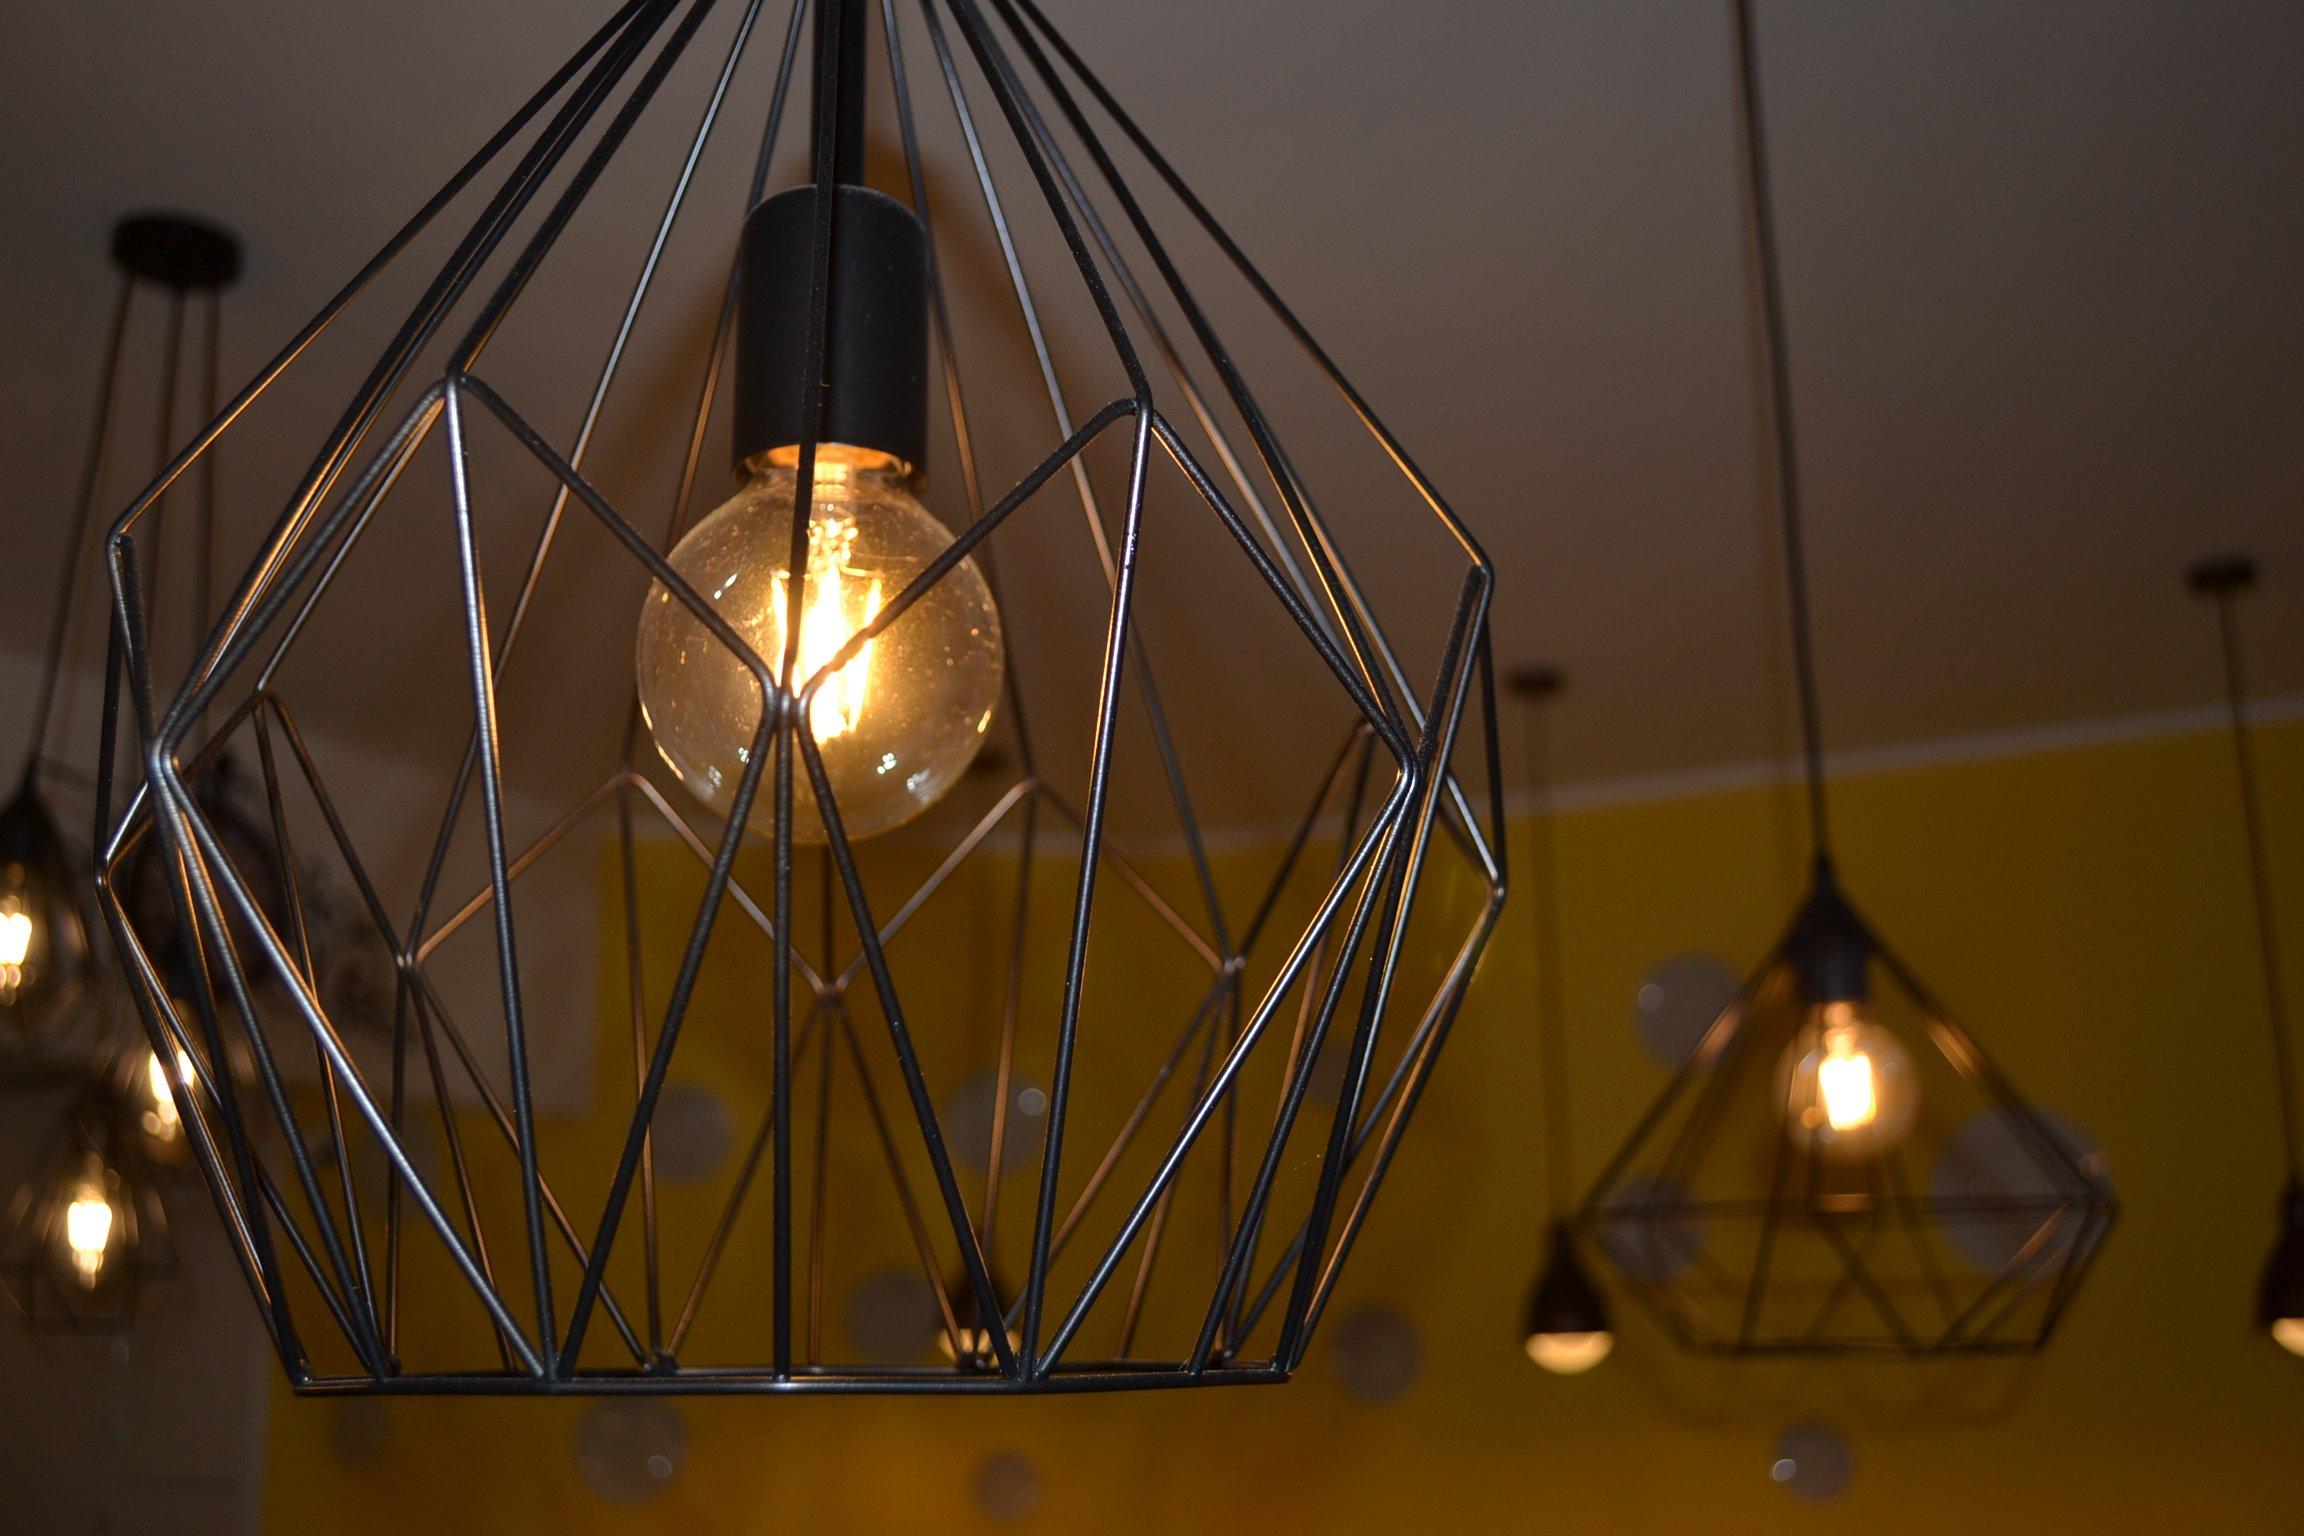 lampada in un ristorante